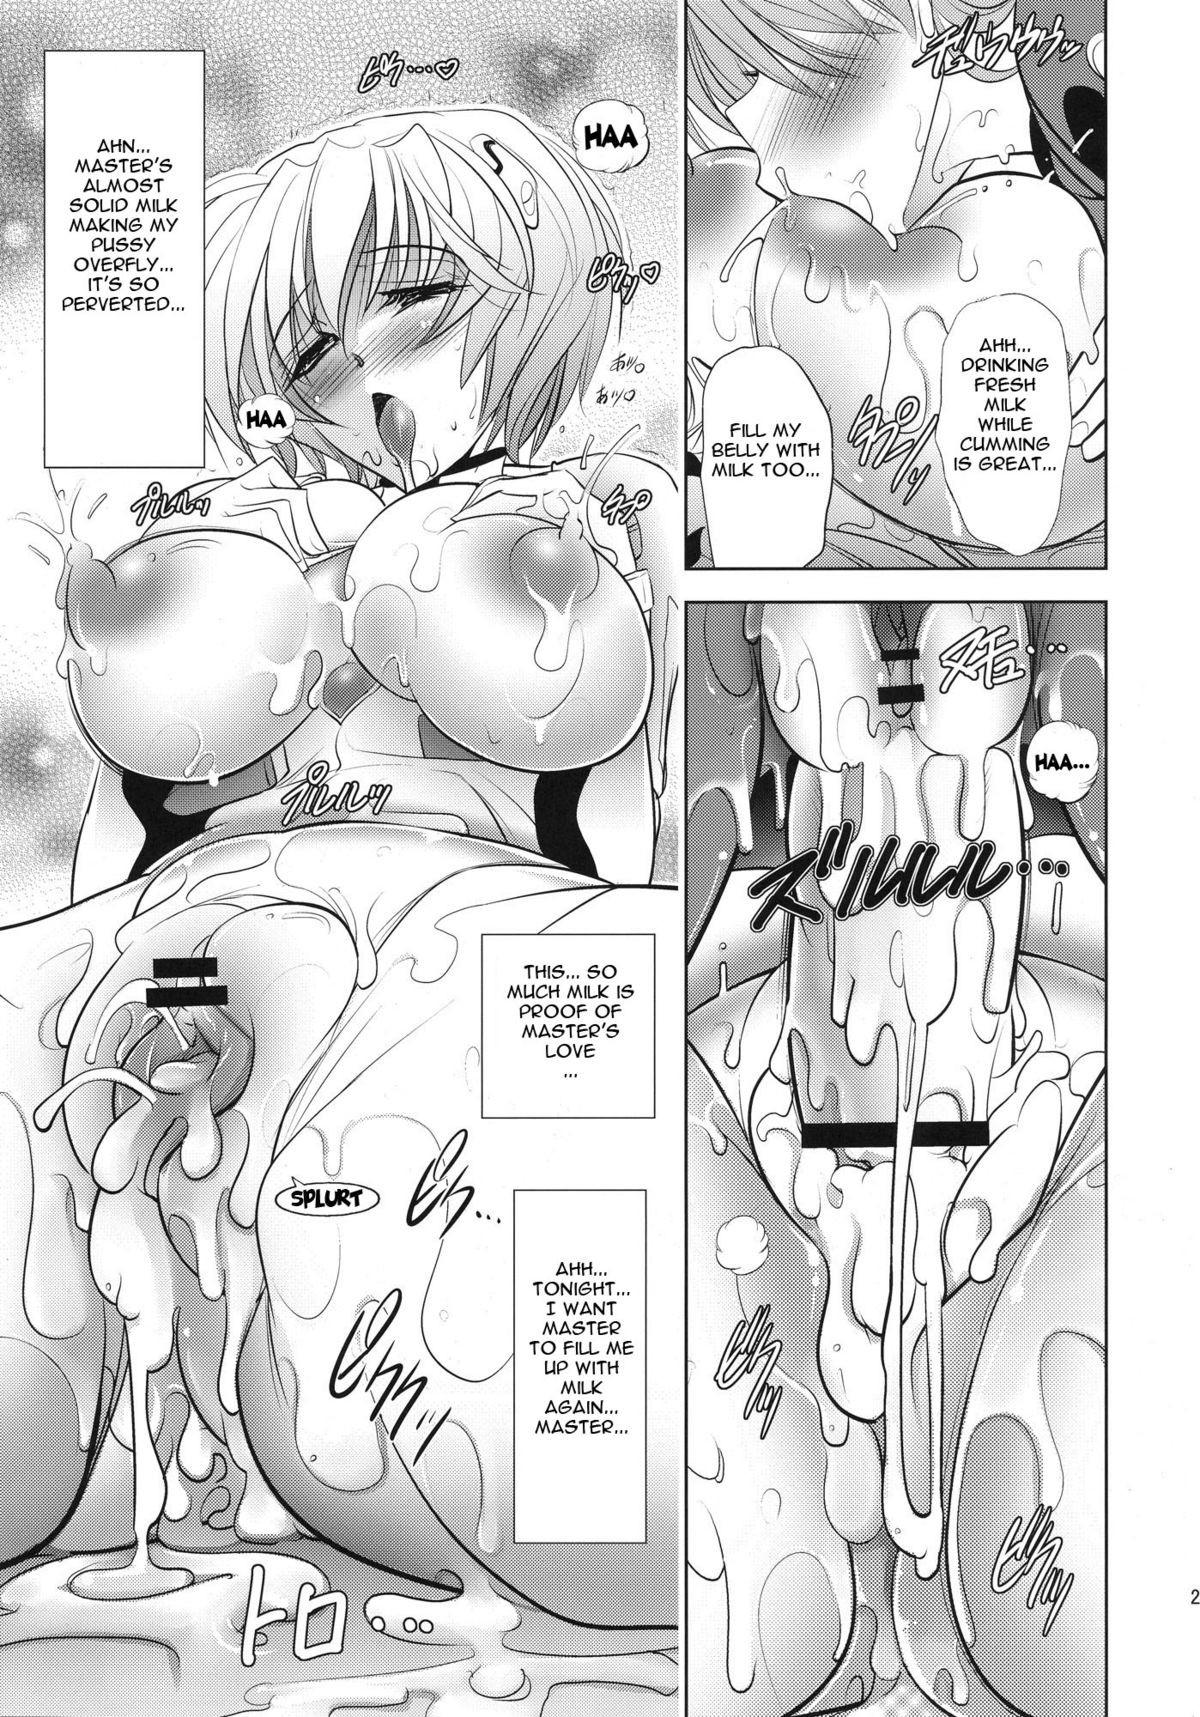 maid, futanari, big breasts, futanari on futanari, lactation, bodysuit, schoolgirl, bloomers, impregnation, rei ayanami, asuka langley soryu, kawaraya a ta